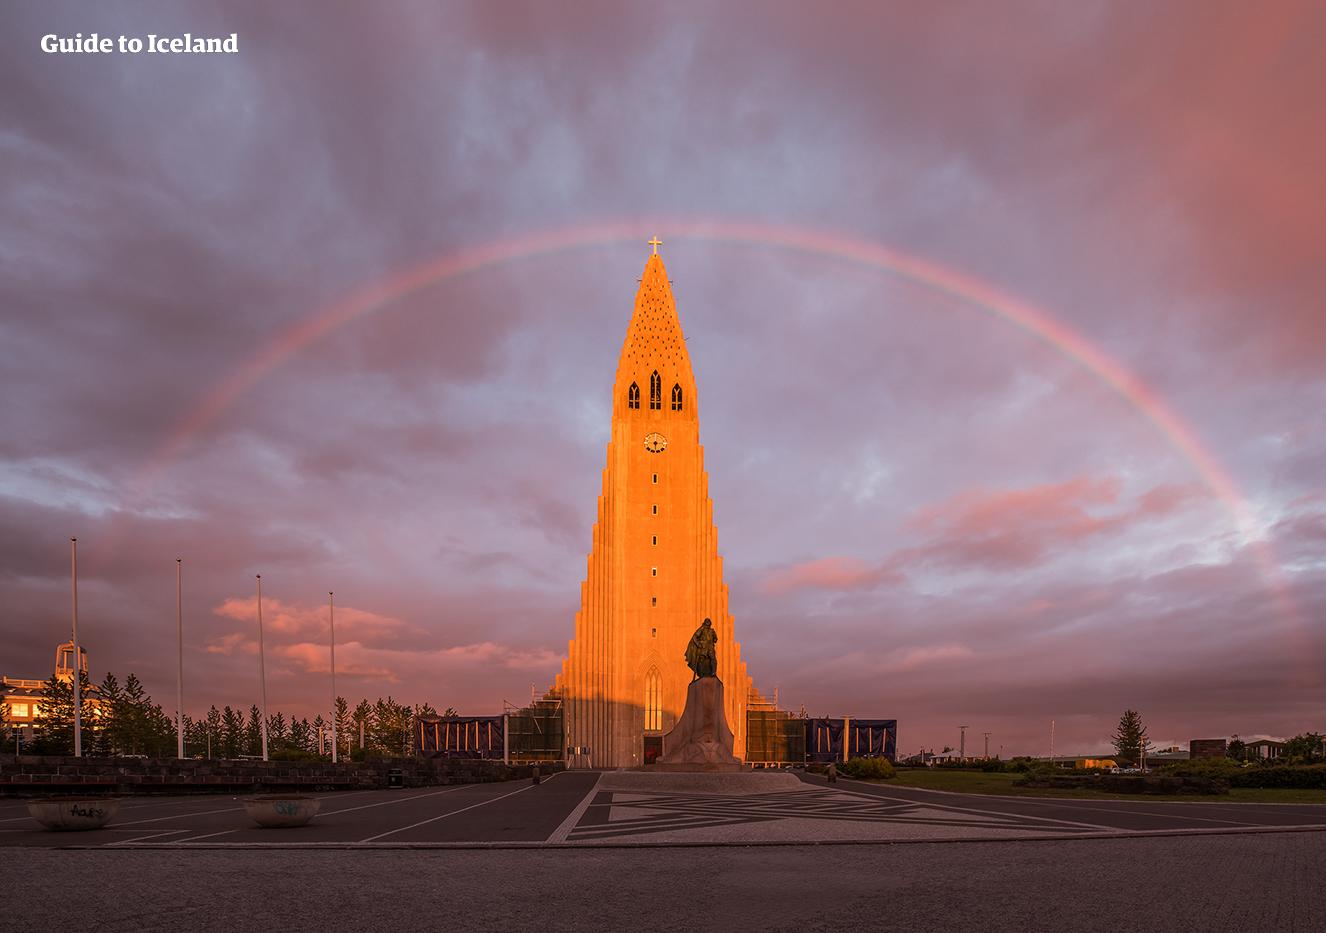 Pomnik Leifura Eirikssona, który był islandzkim odkrywcą i dotarł jako pierwszy do Ameryki.